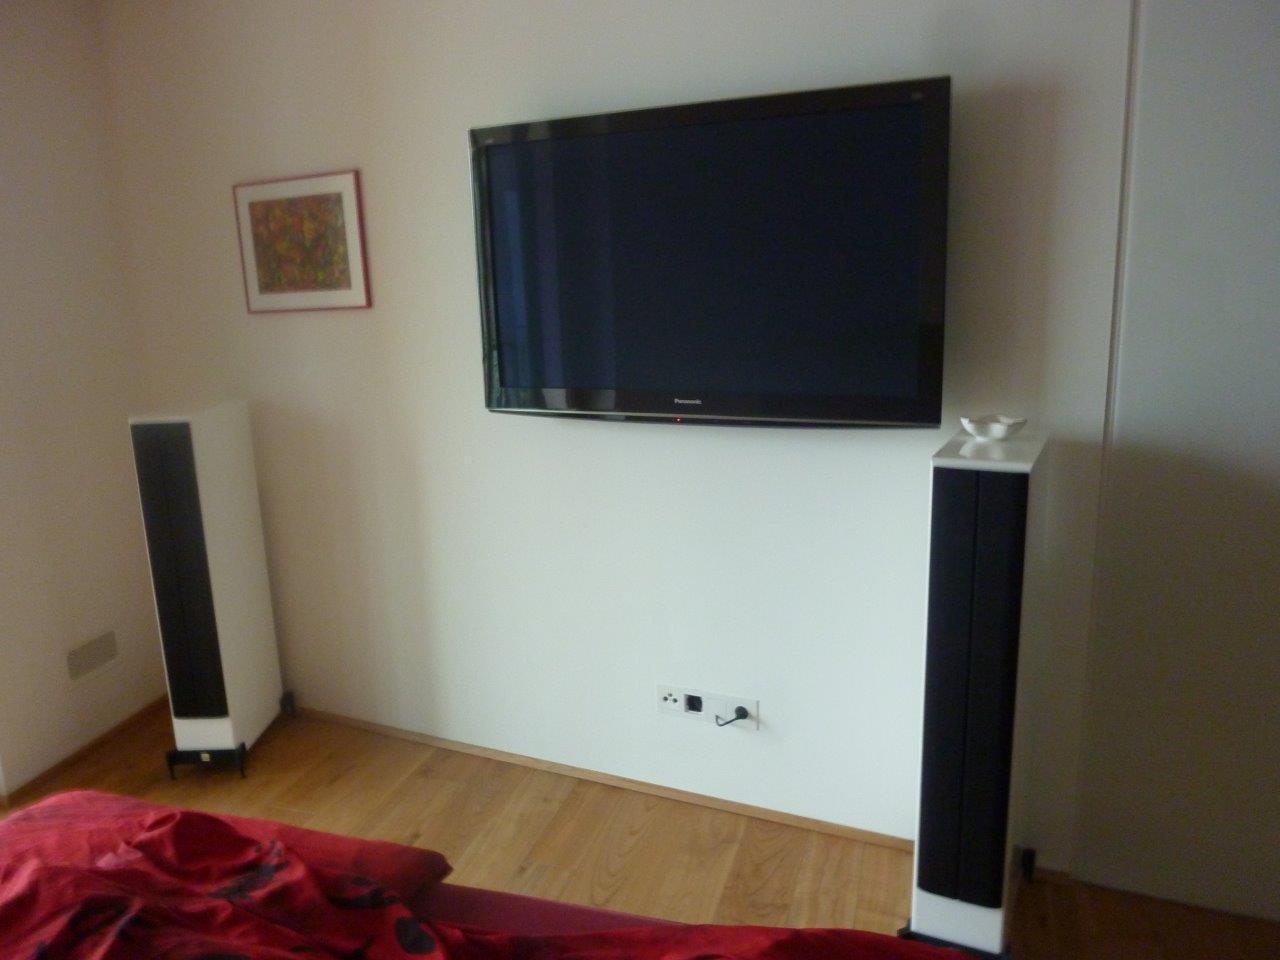 tv und hifi auf h chstem niveau plan work. Black Bedroom Furniture Sets. Home Design Ideas